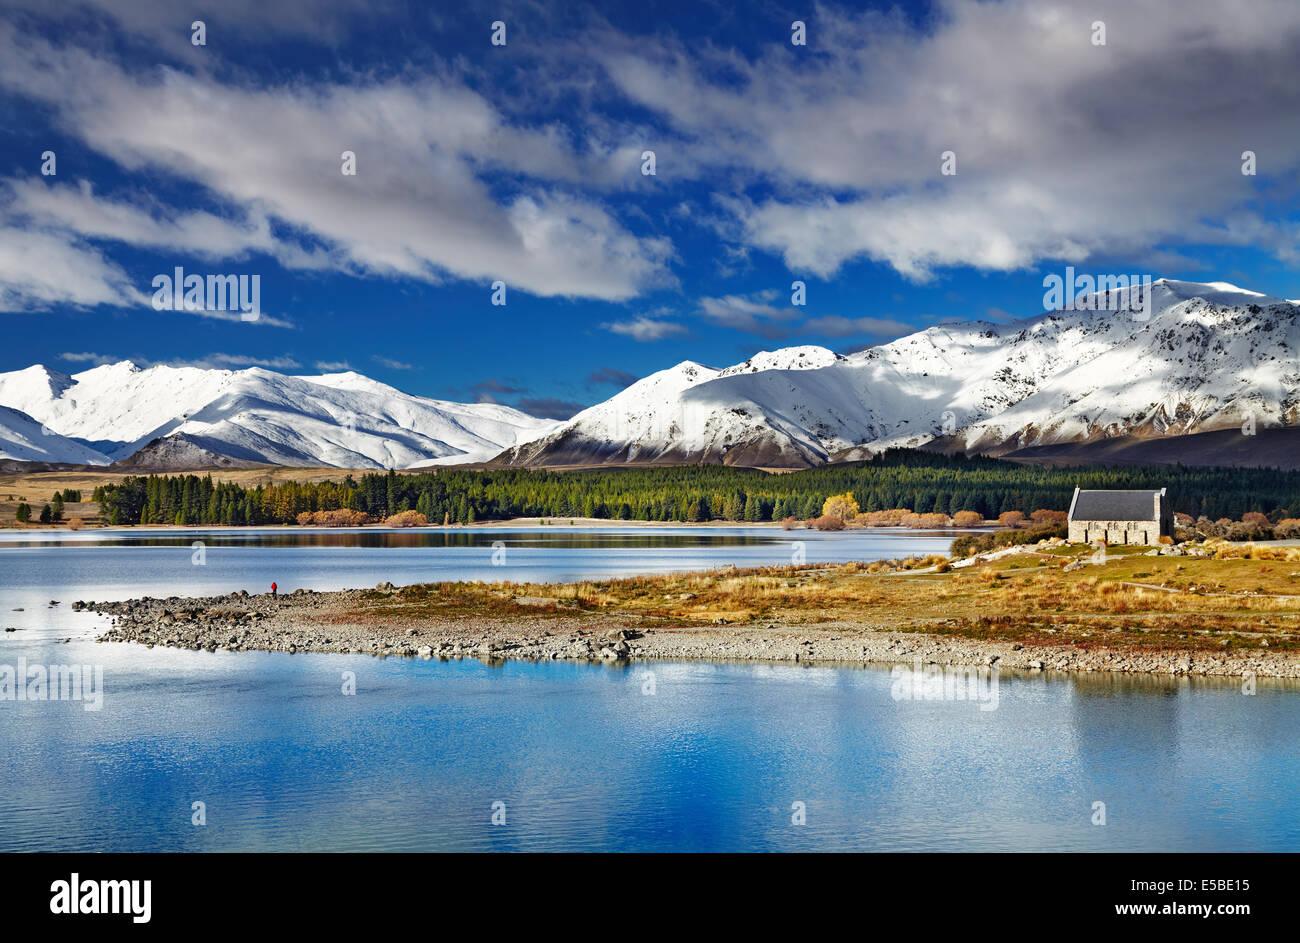 Le lac Tekapo et église du Bon Pasteur, Nouvelle-Zélande Photo Stock